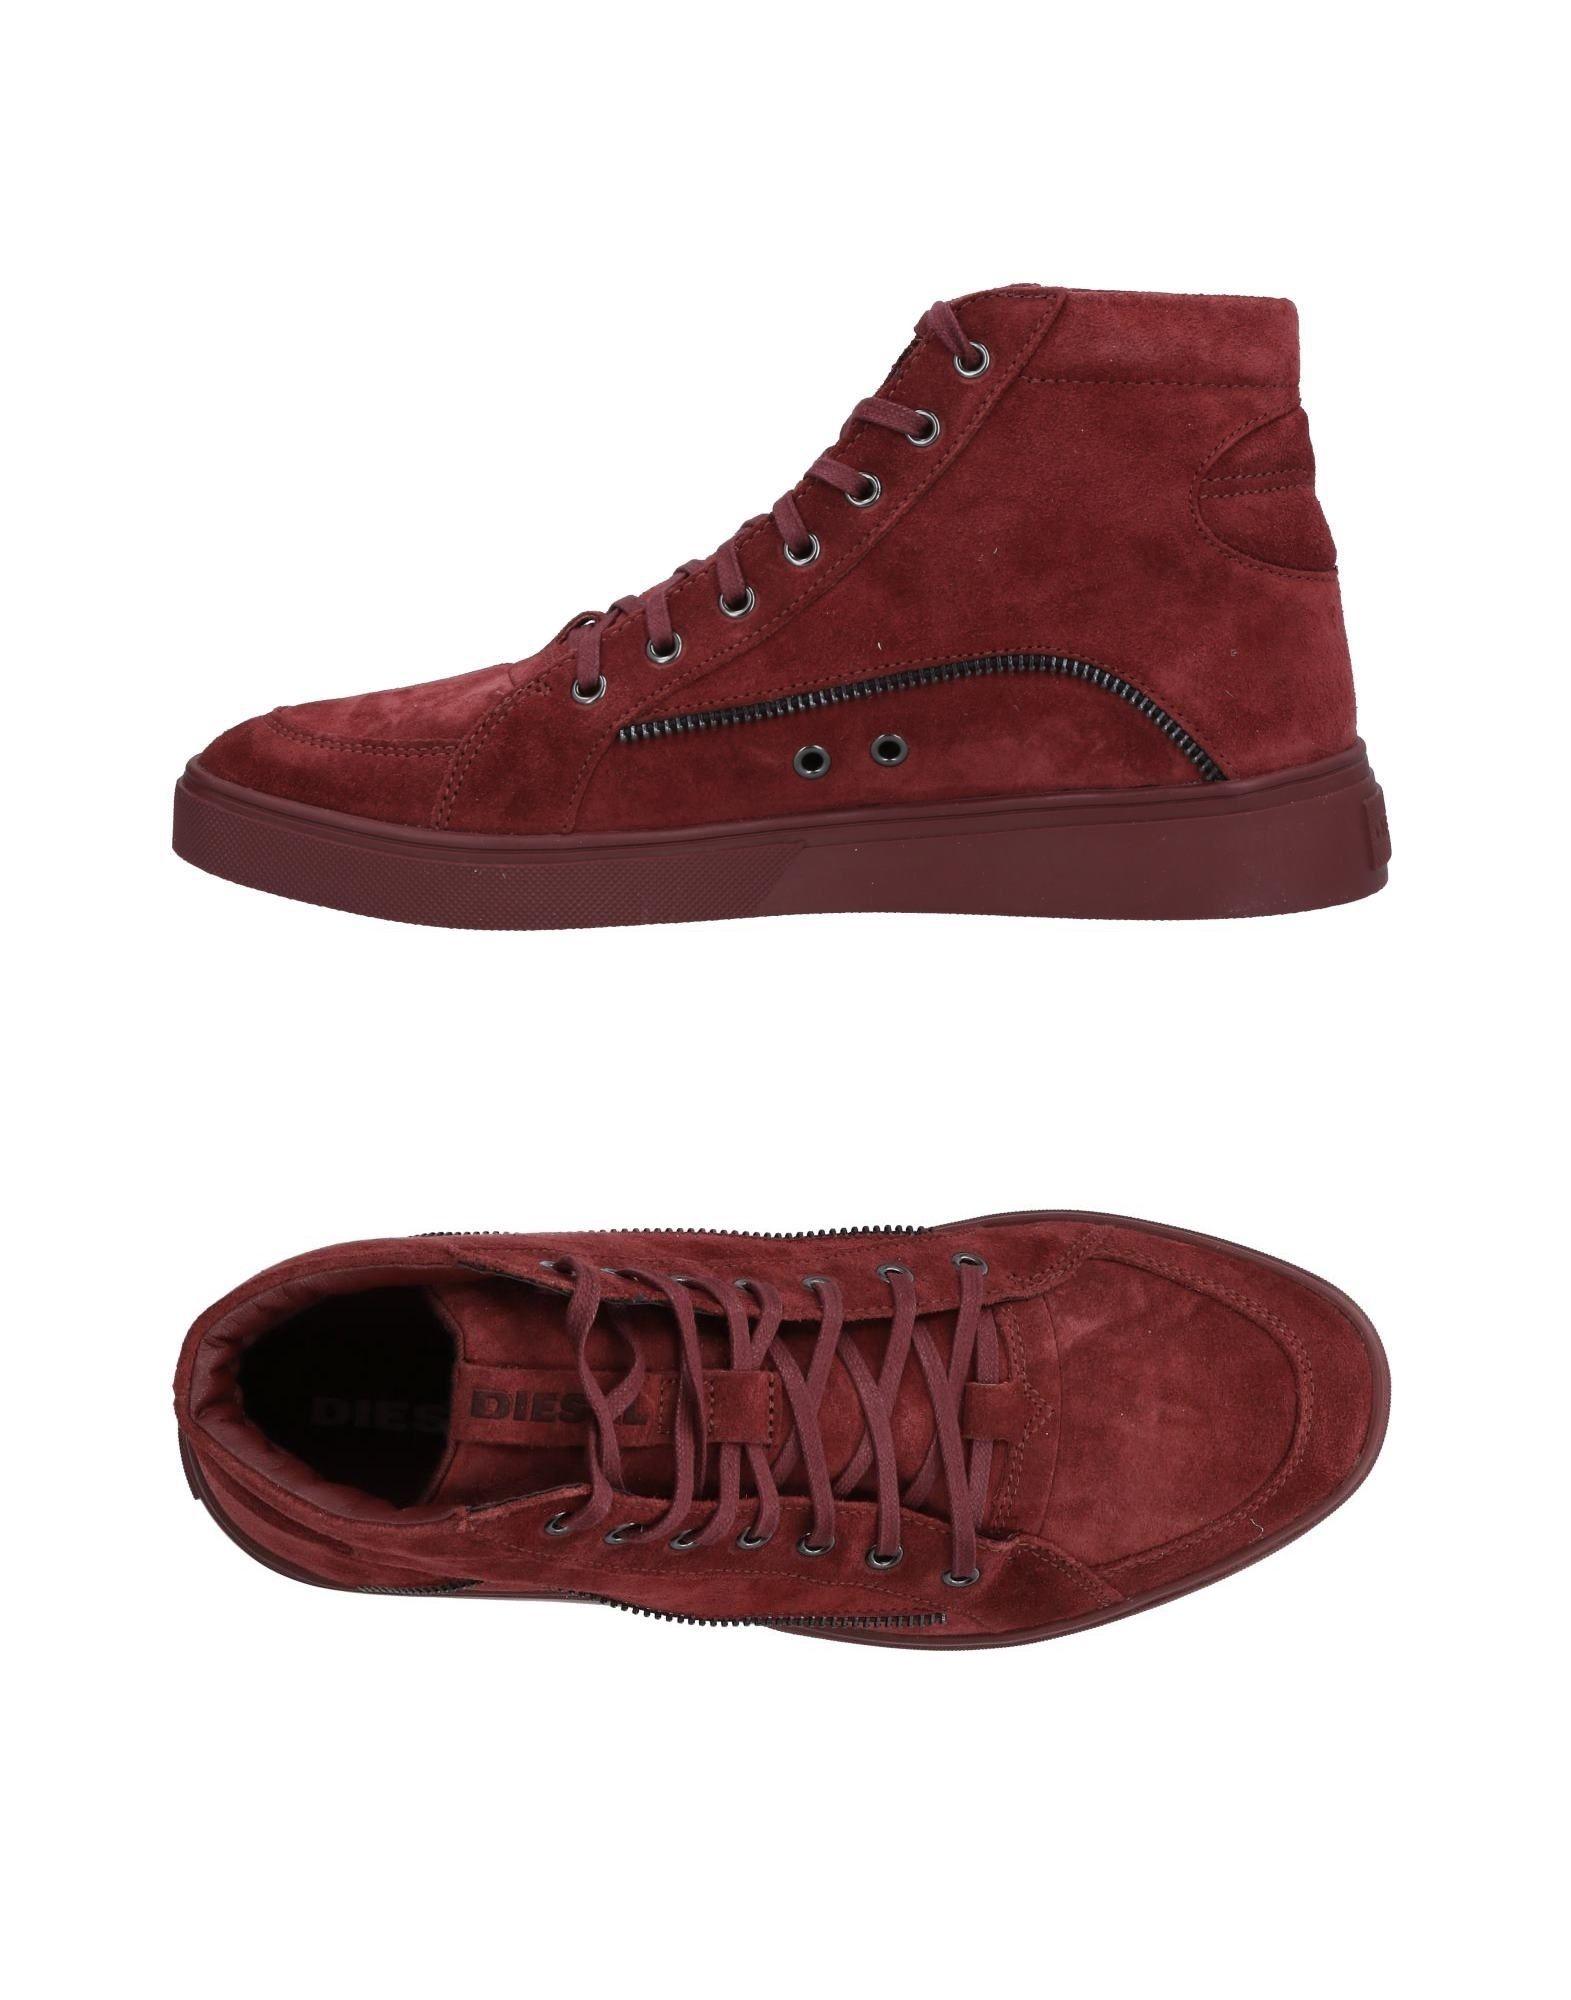 DIESEL Herren High Sneakers & Tennisschuhe Farbe Bordeaux Größe 6